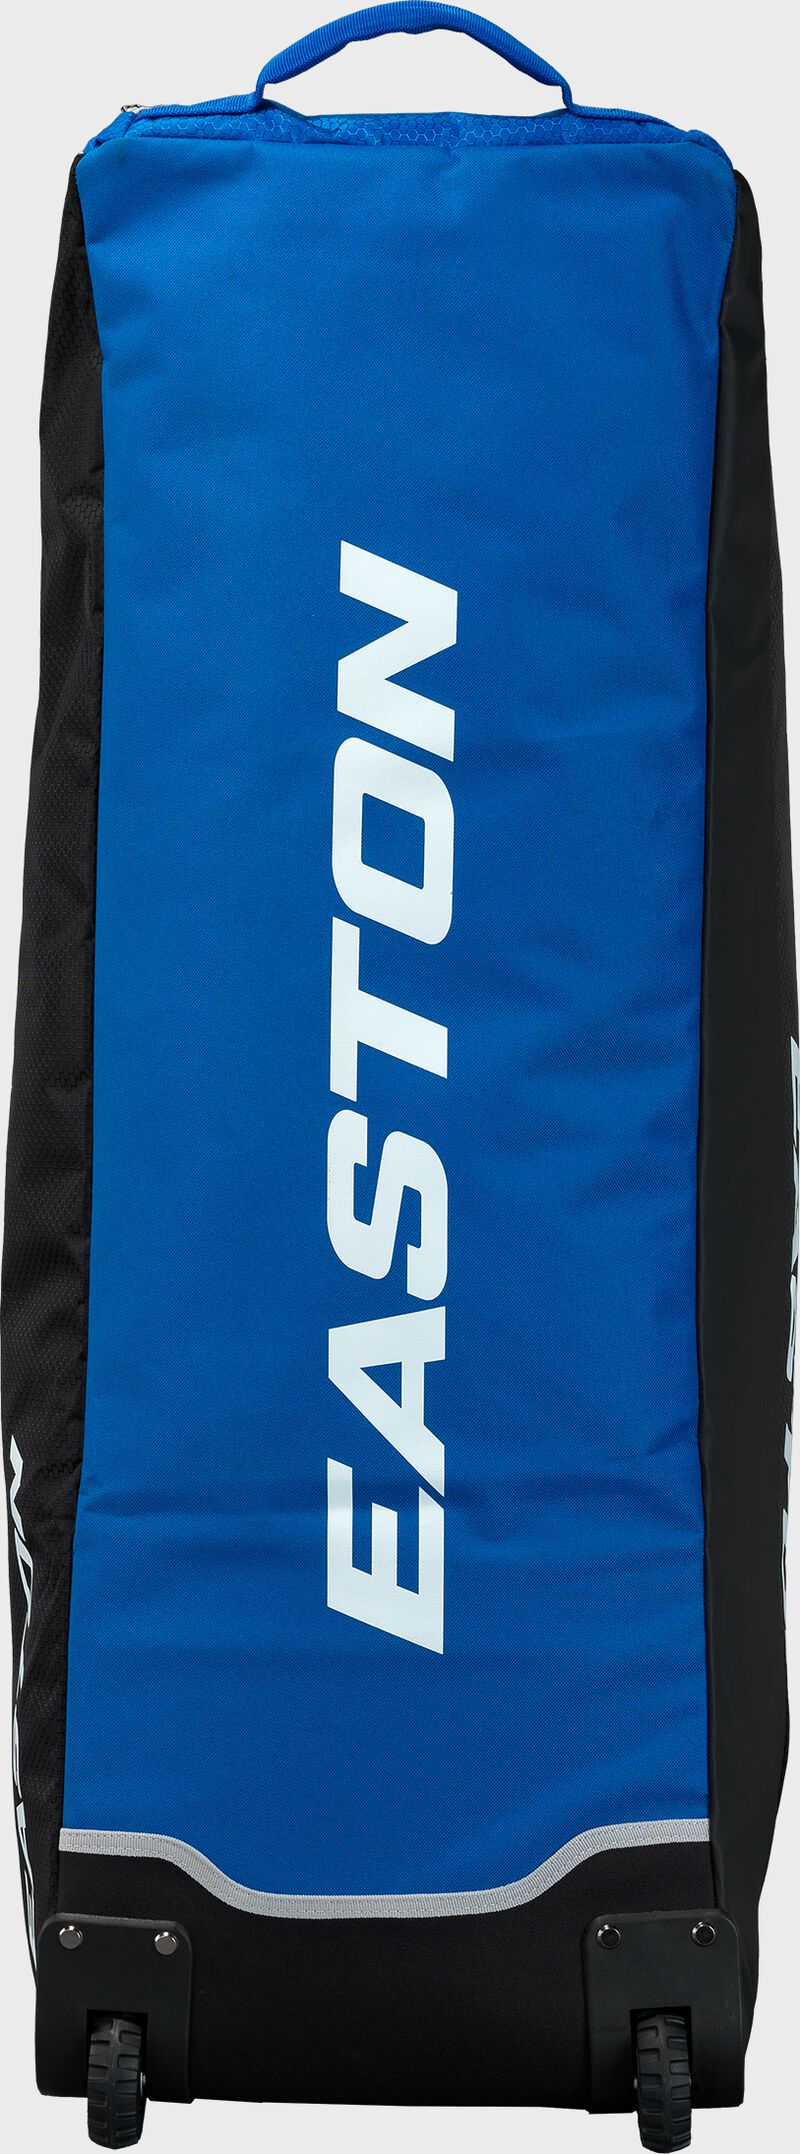 Octane Wheeled Bag